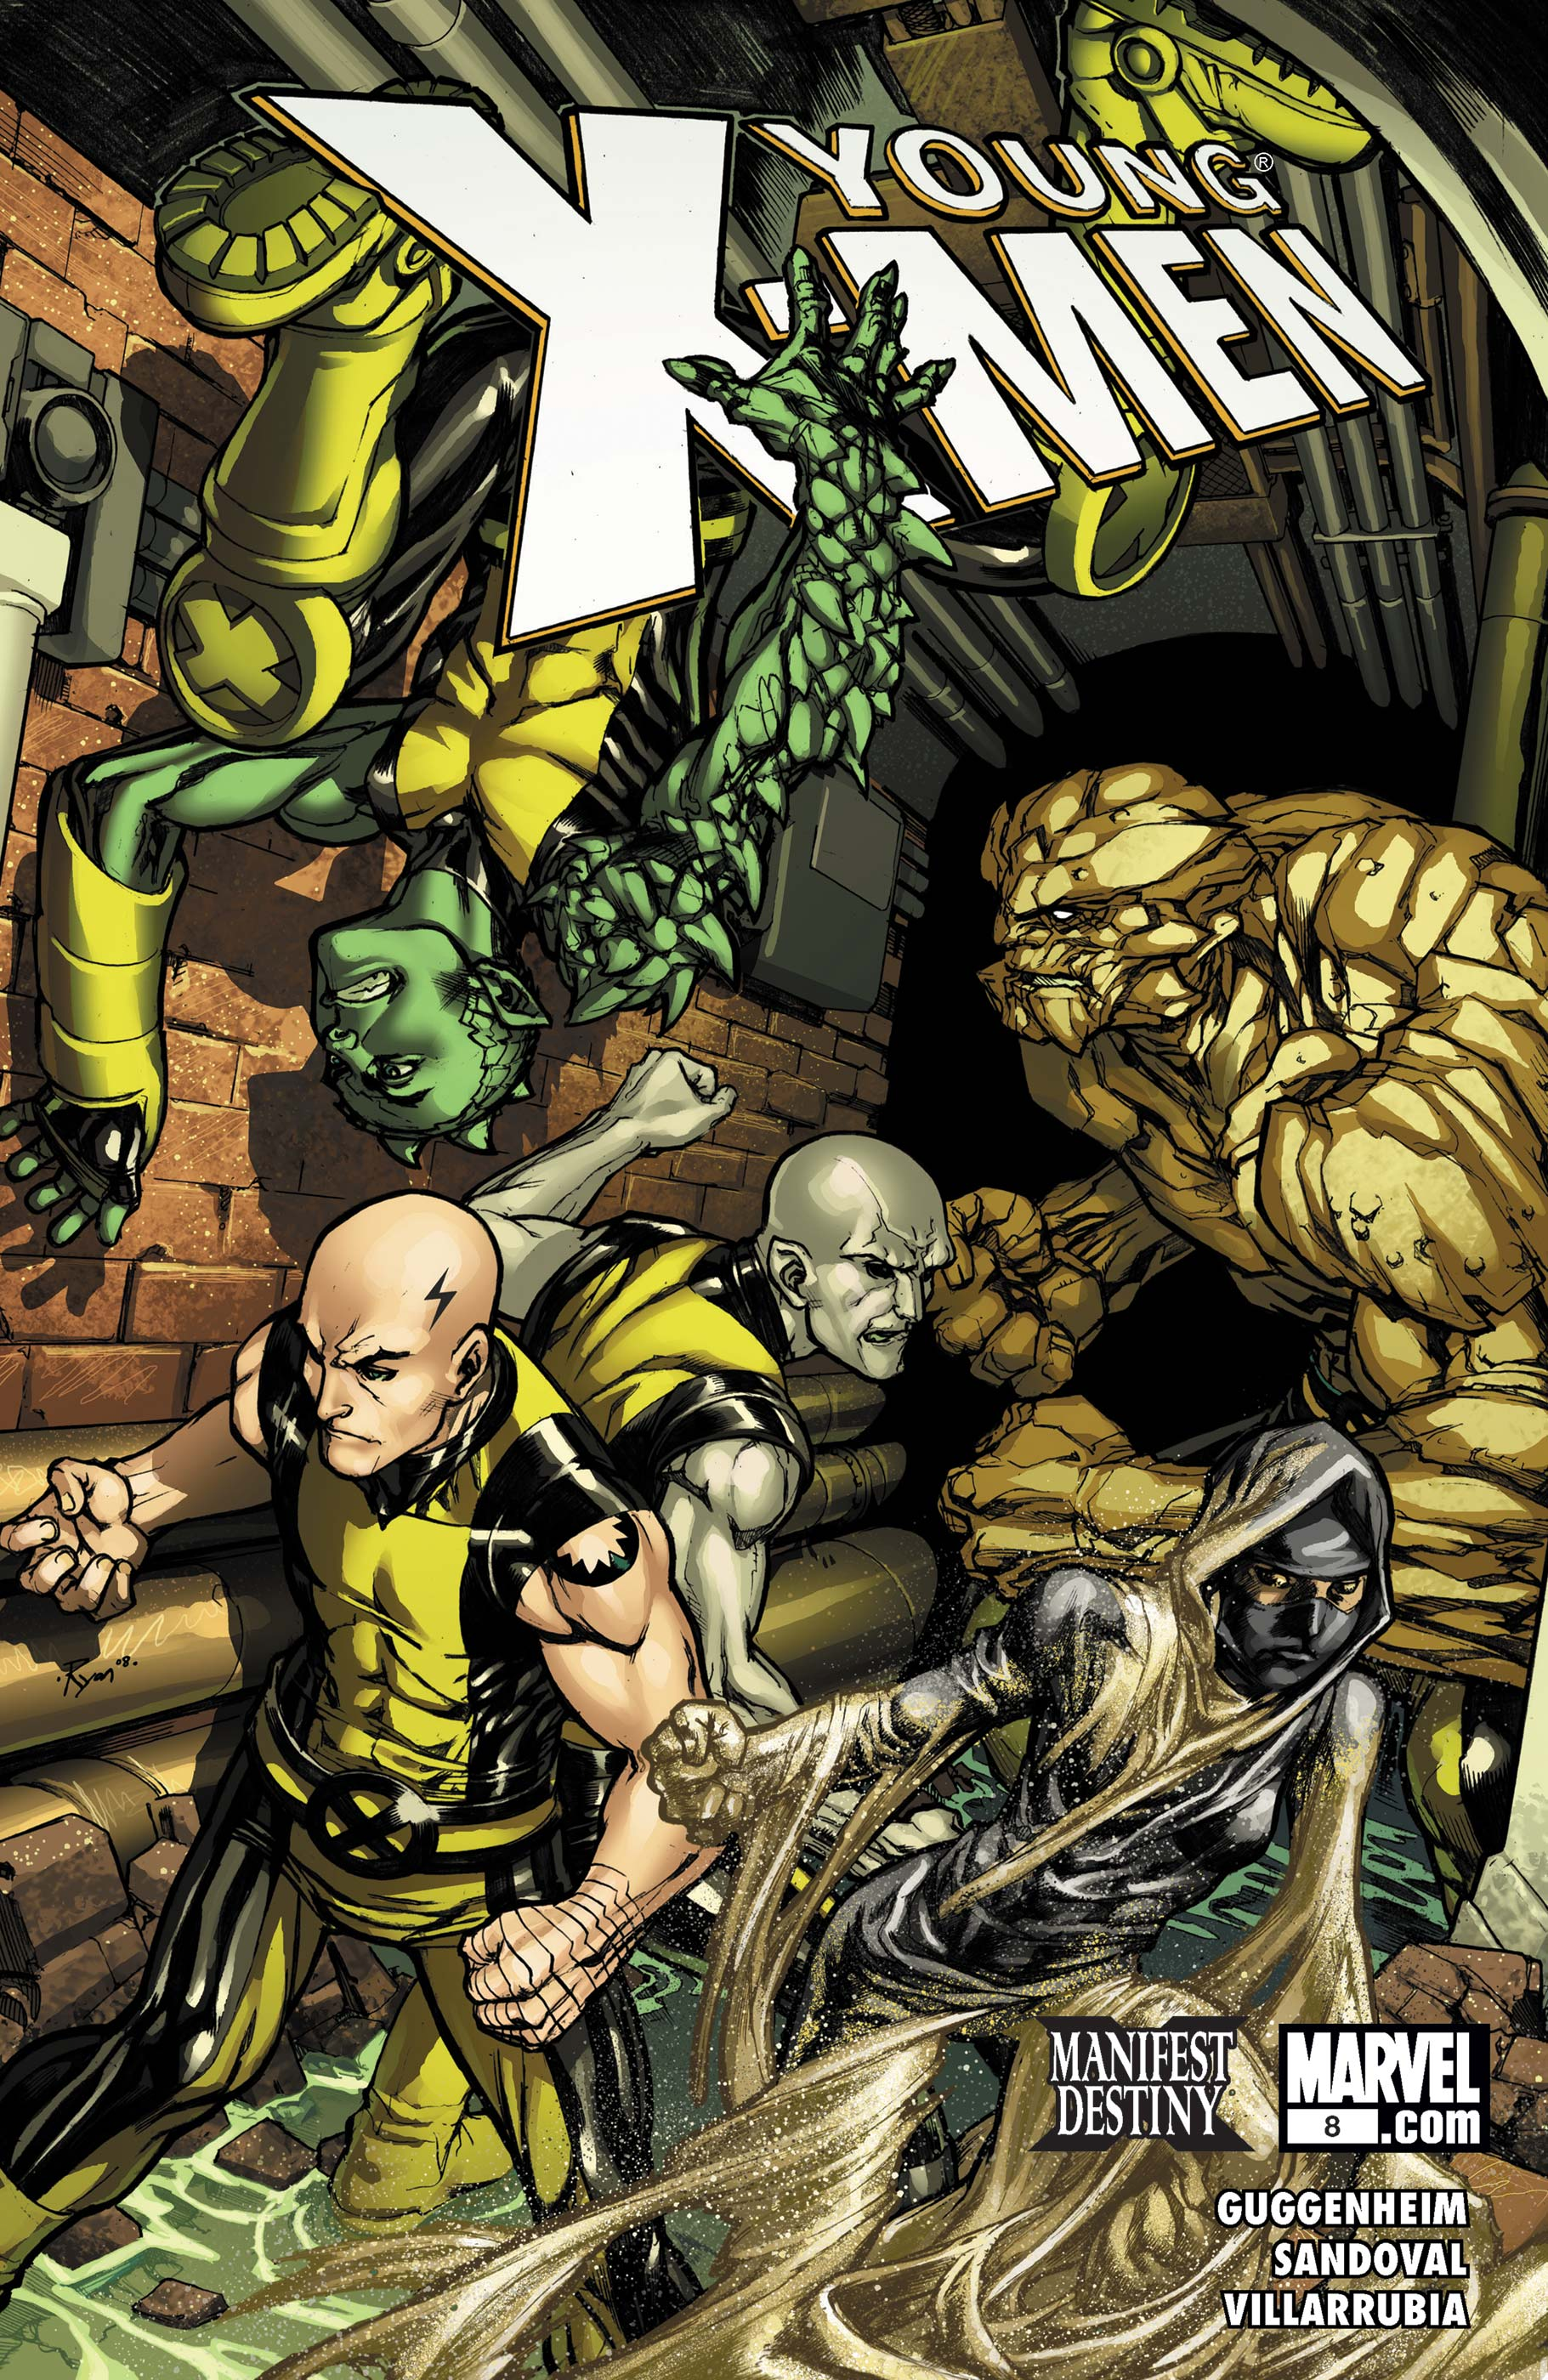 Young X-Men (2008) #8